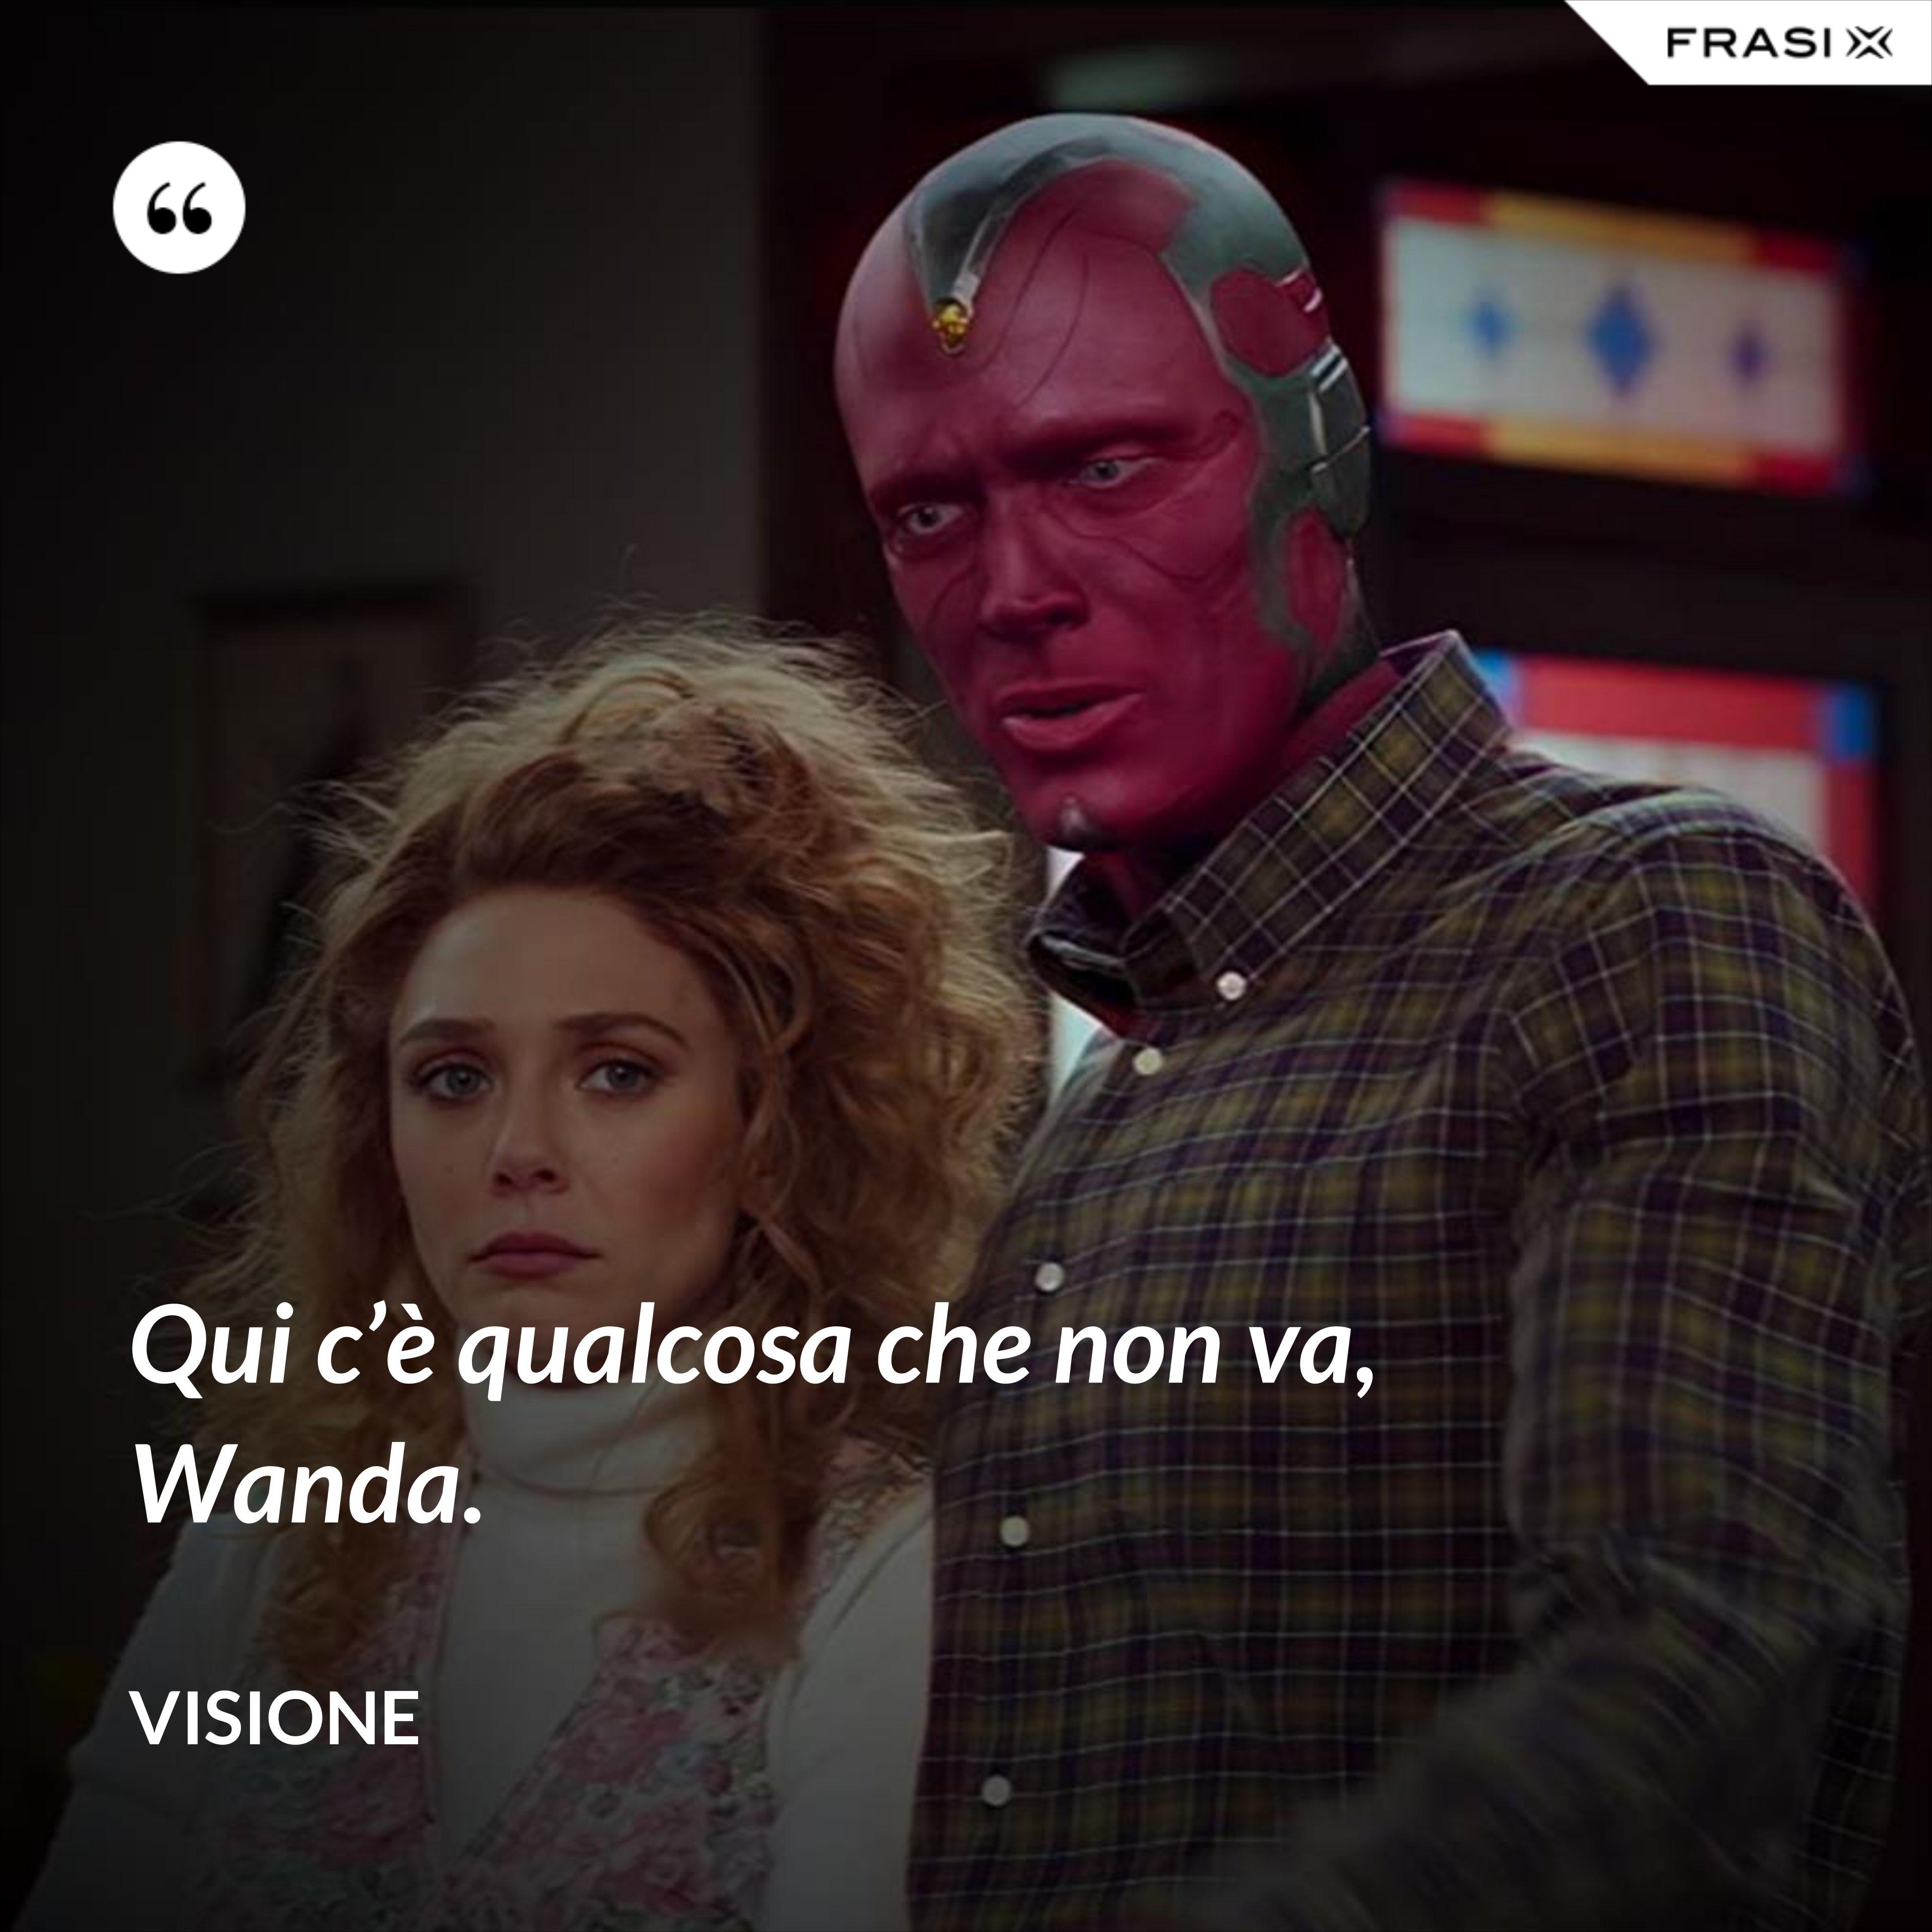 Qui c'è qualcosa che non va, Wanda. - Visione